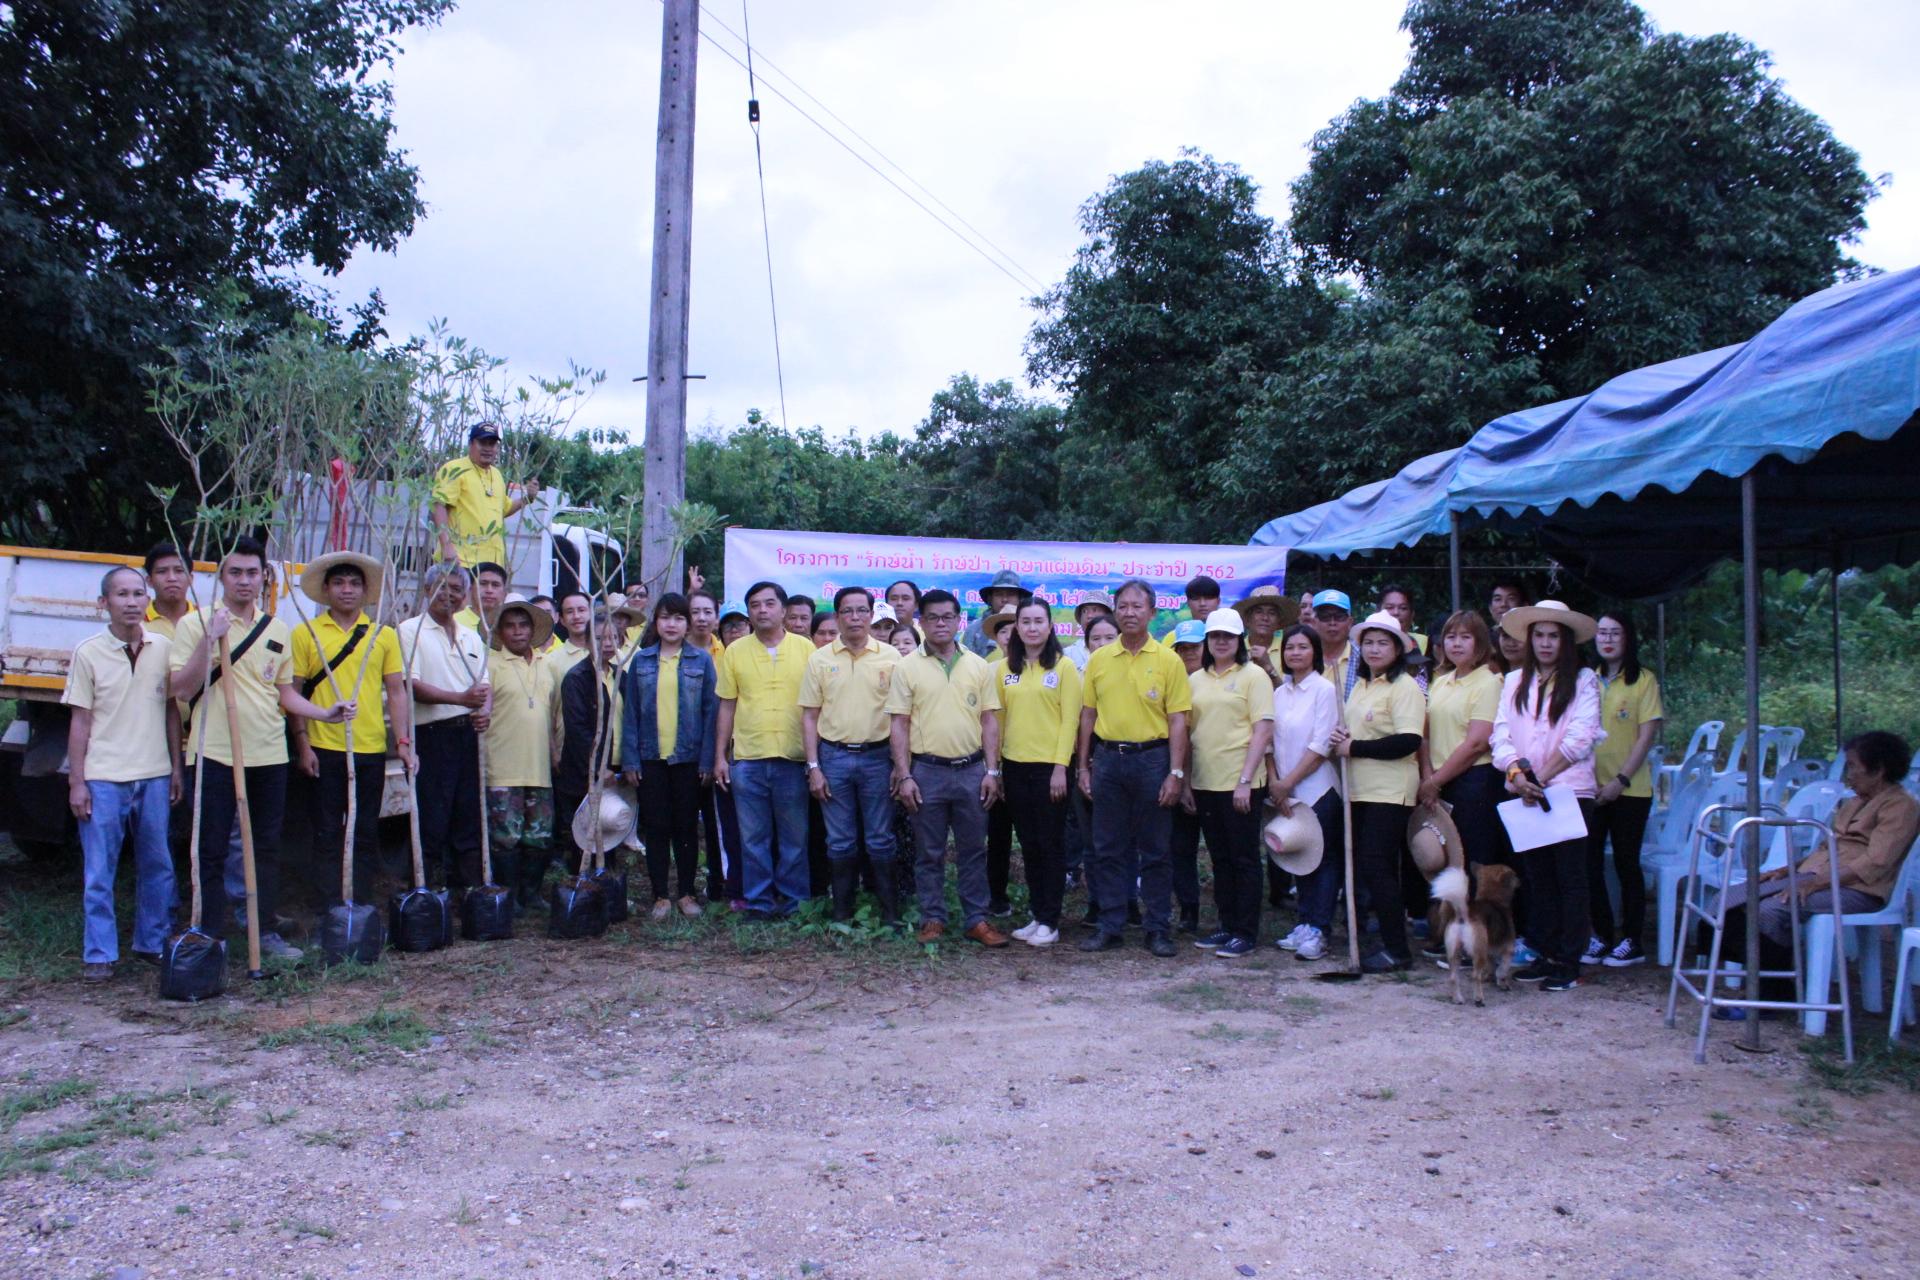 โครงการ รักษ์น้ำ รักษ์ป่า รักษาแผ่นดิน ประจำปี 2562 กิจกรรม 1 อปท 1 ถนนท้องถิ่น ใส่ใจสิ่งแวดล้อม